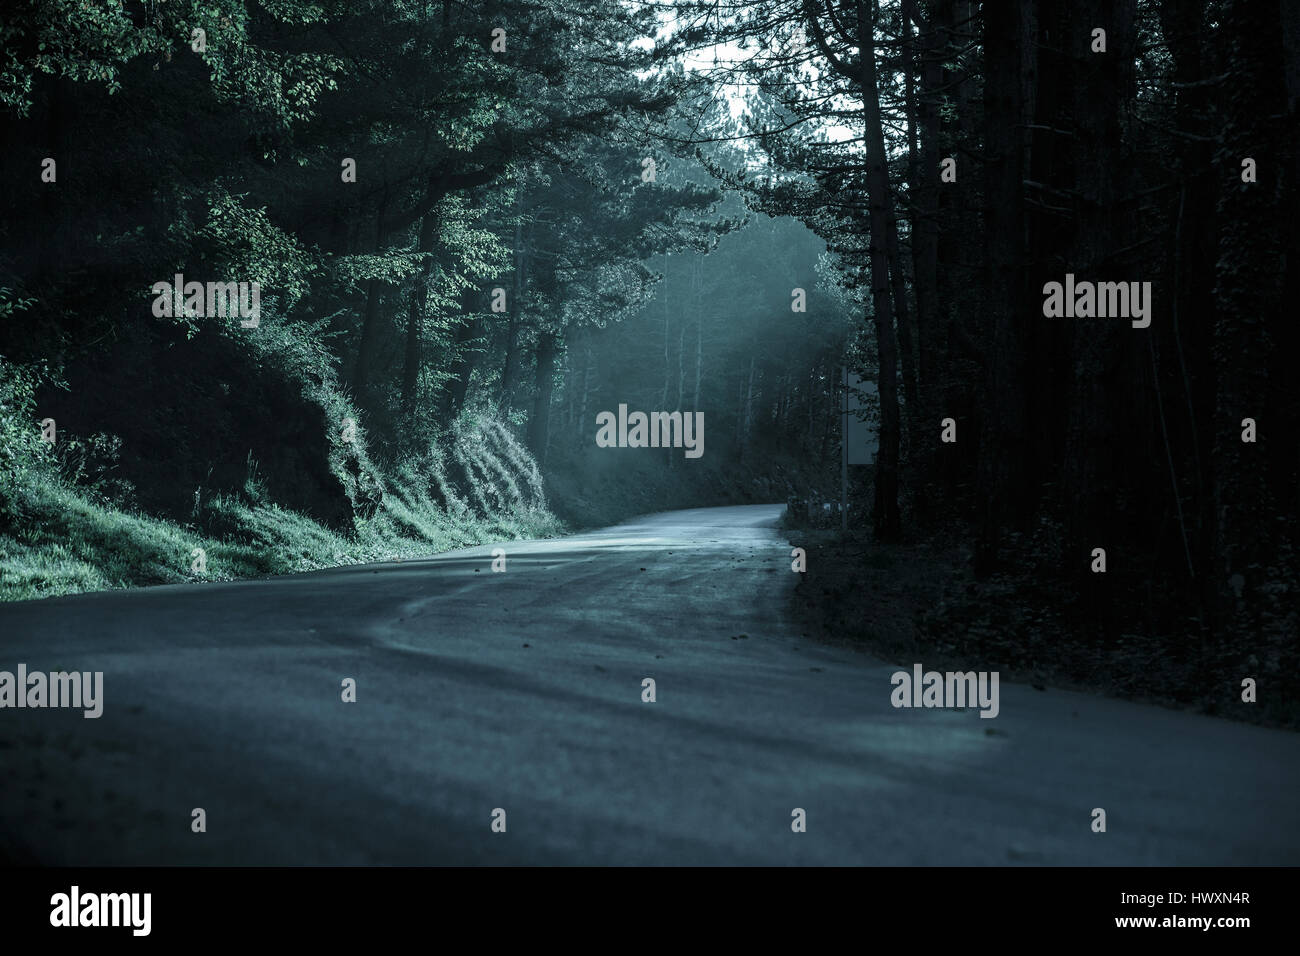 Dunklen Wald mit leeren Straße in fliehendes Licht. Emotionale, gotischen Hintergrund, unheimliche natürliche Stockbild